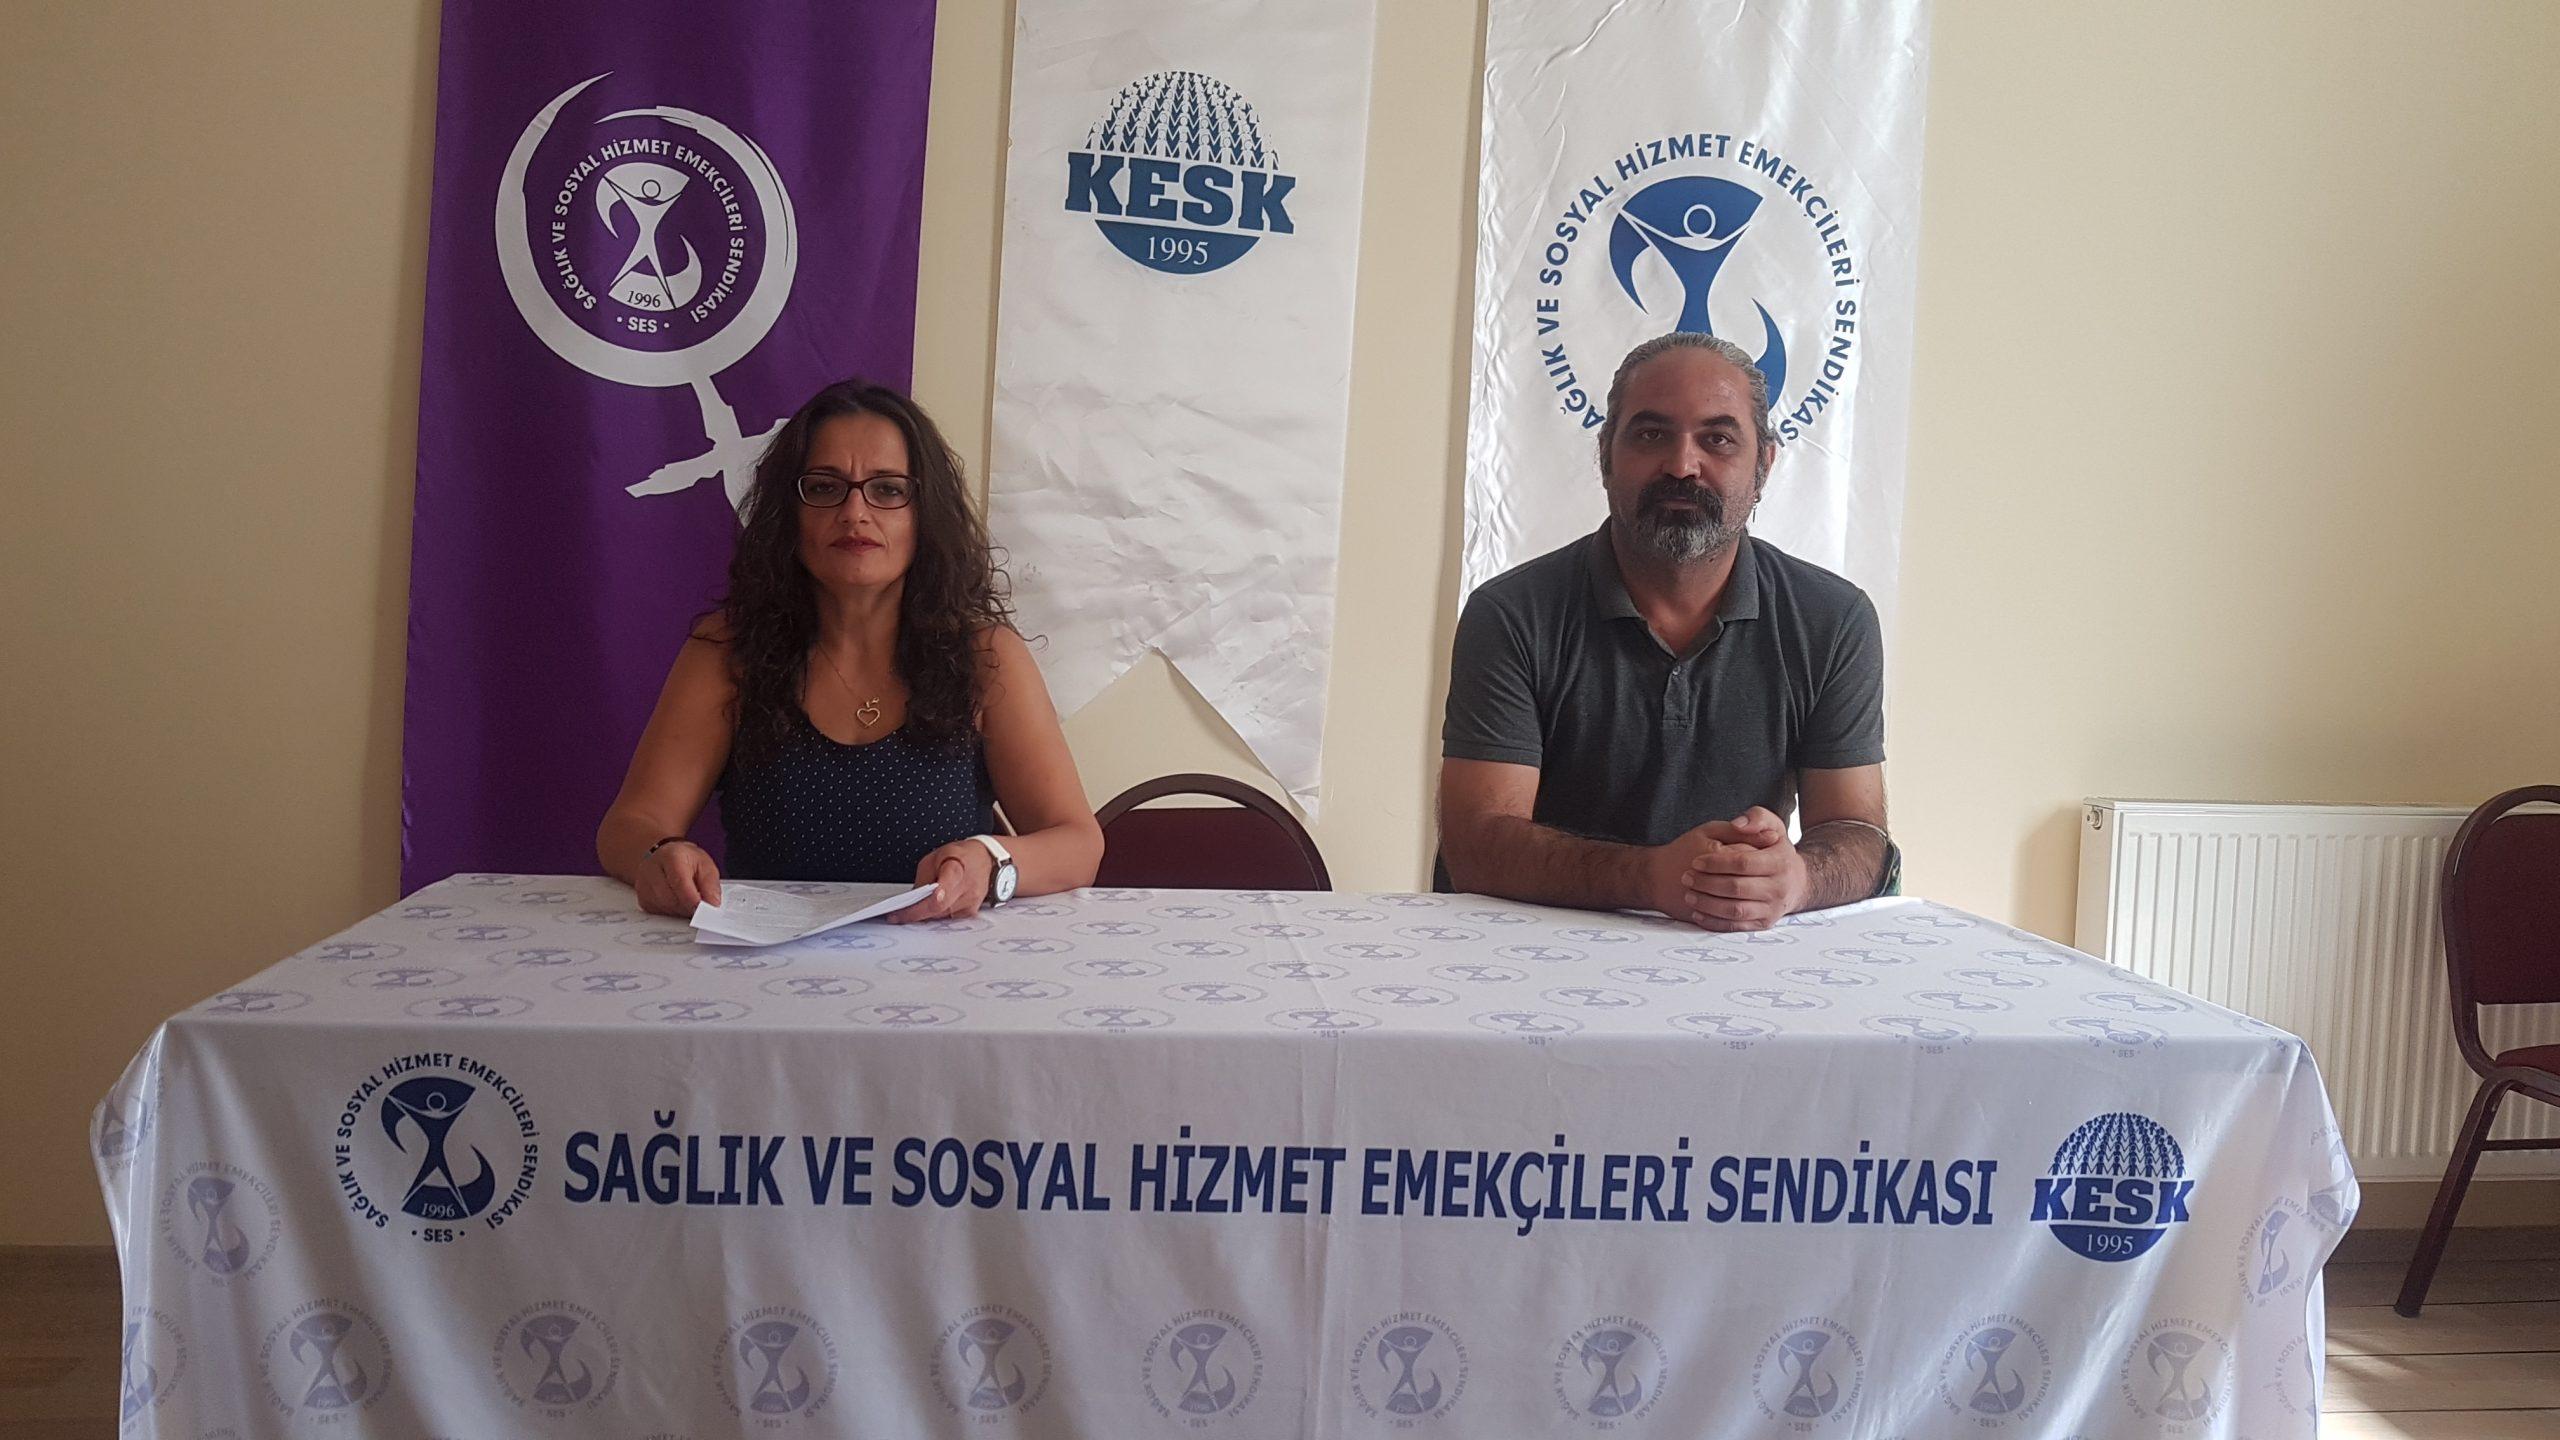 """İzmir Şubemiz """"Güvenceli İş, Güvenli Gelecek"""" İmzalarını TBMM'ye Sunulması İçin Genel Merkezimize Gönderdi"""